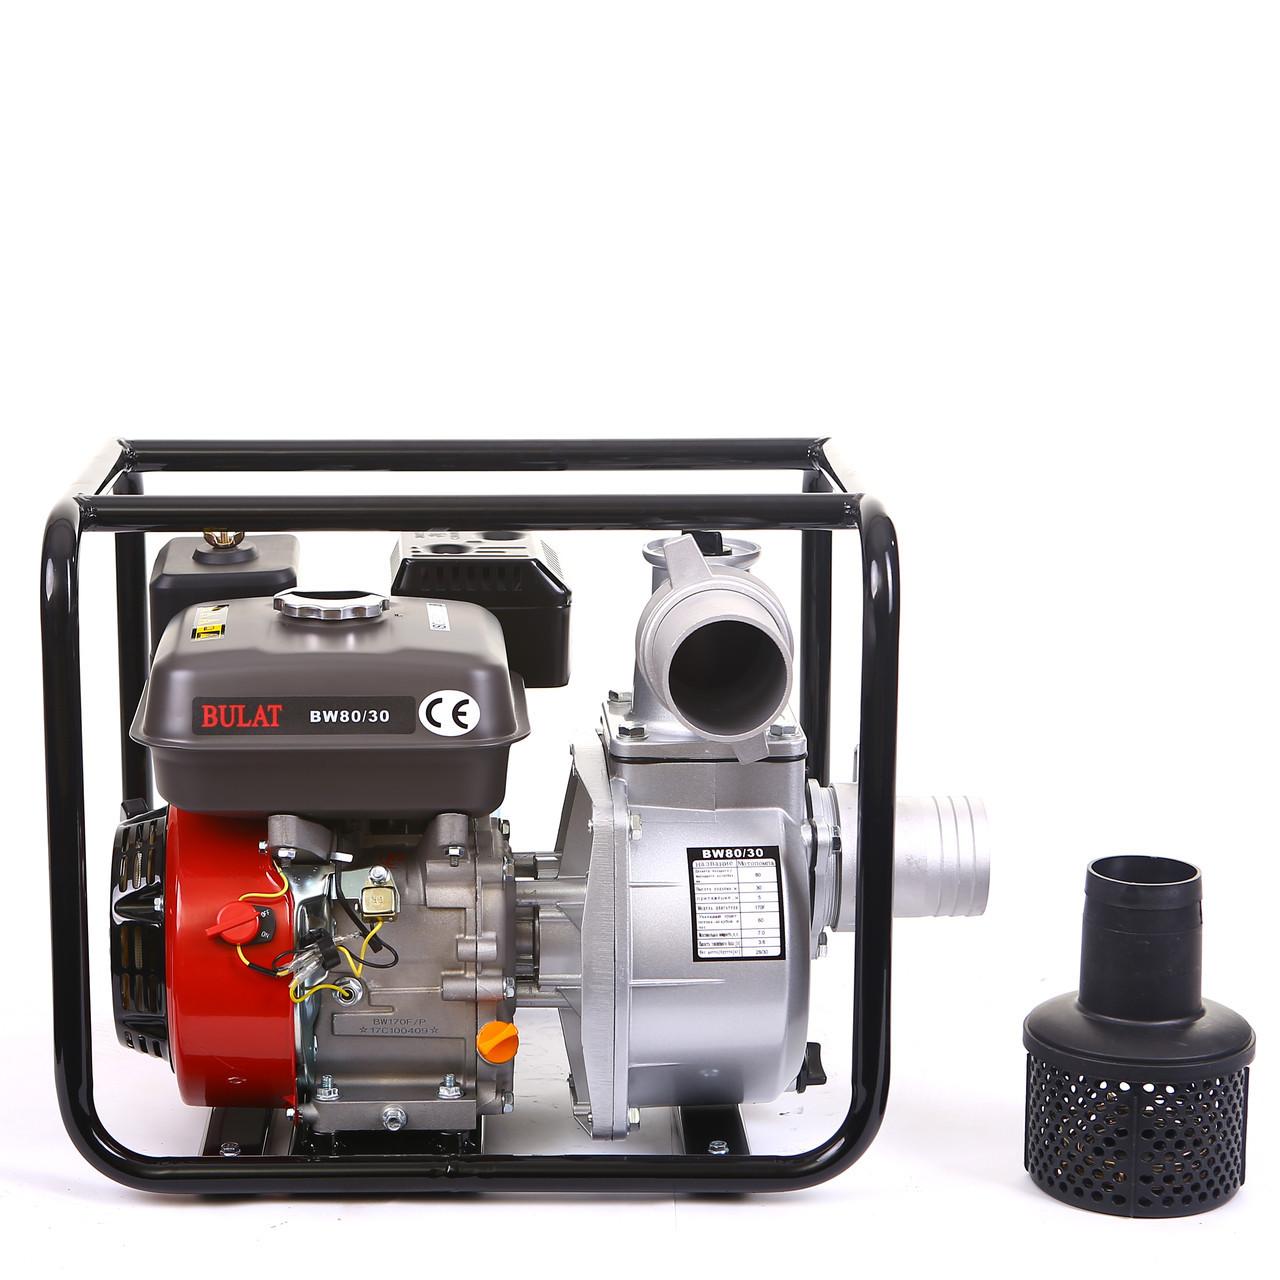 Мотопомпа BULAT BW80-30 (80 мм, 60 куб.м/час) (Weima 80-30)